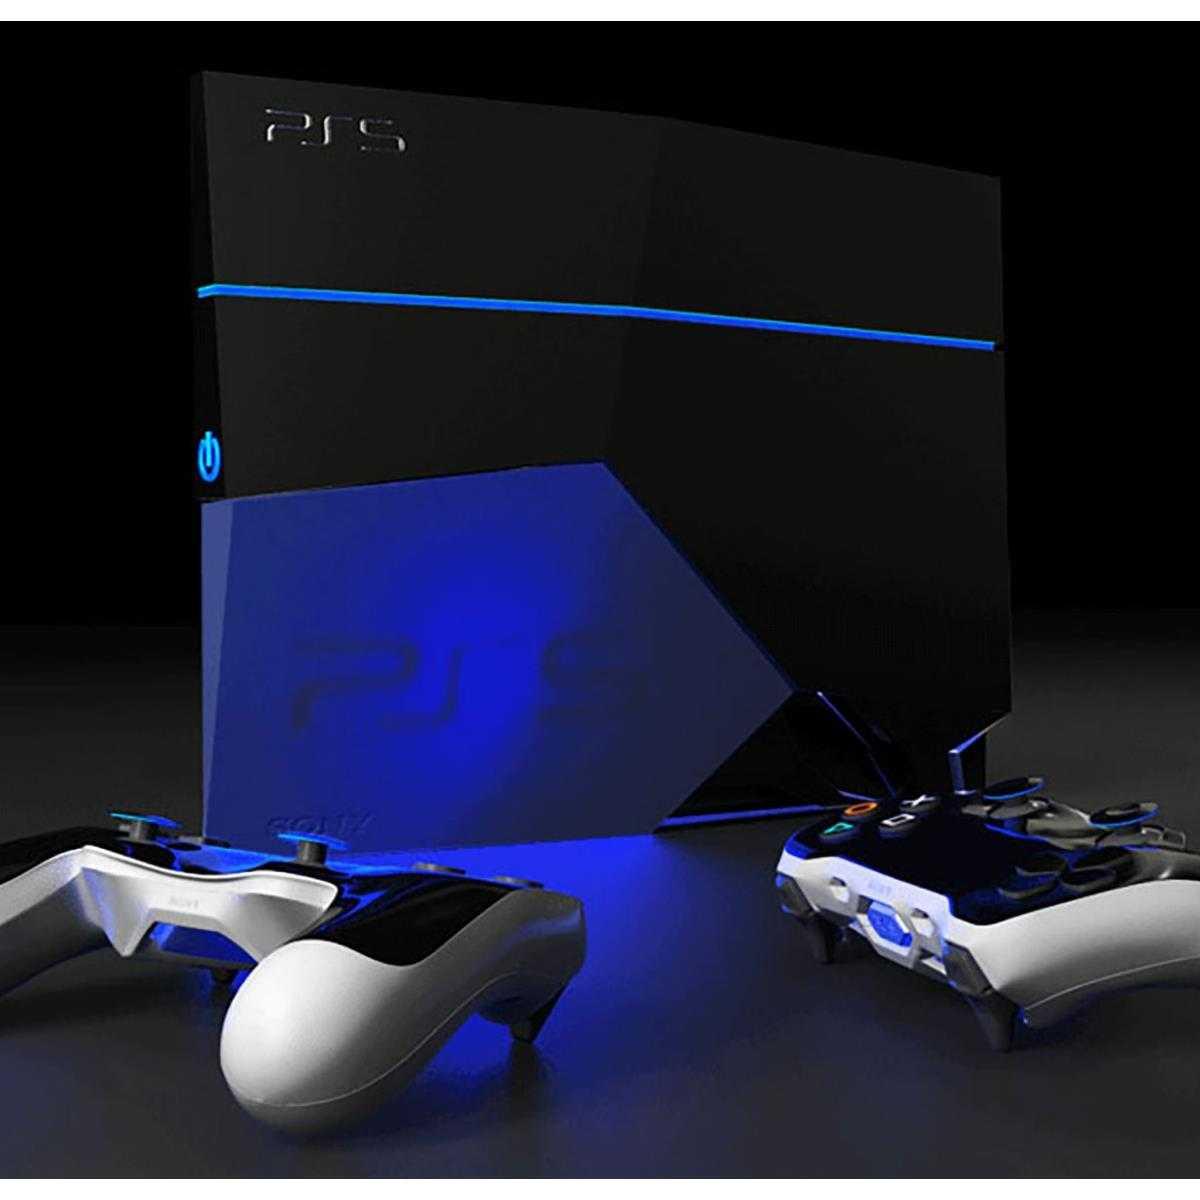 Полный обзор sony playstation5. все особенности, игры, геймпад и сравнение с xbox series x